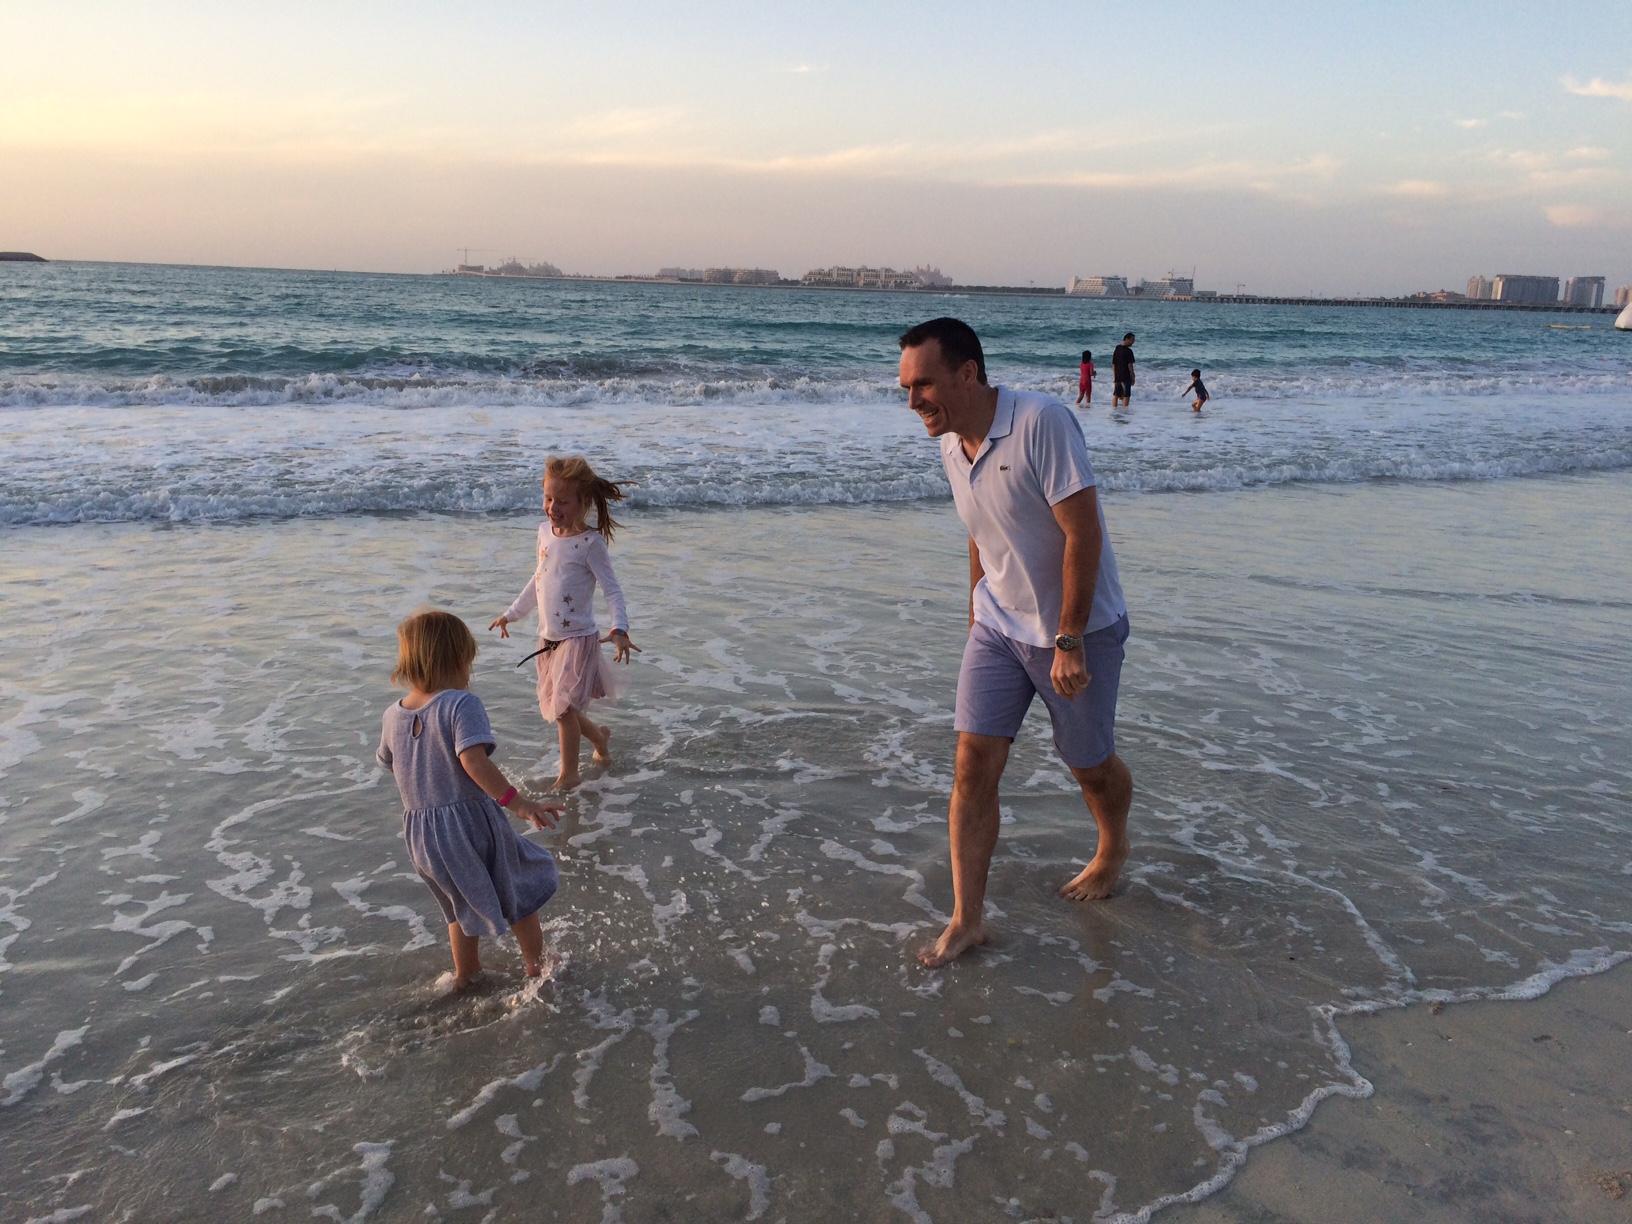 Dubai Marina - Martin og pigerne